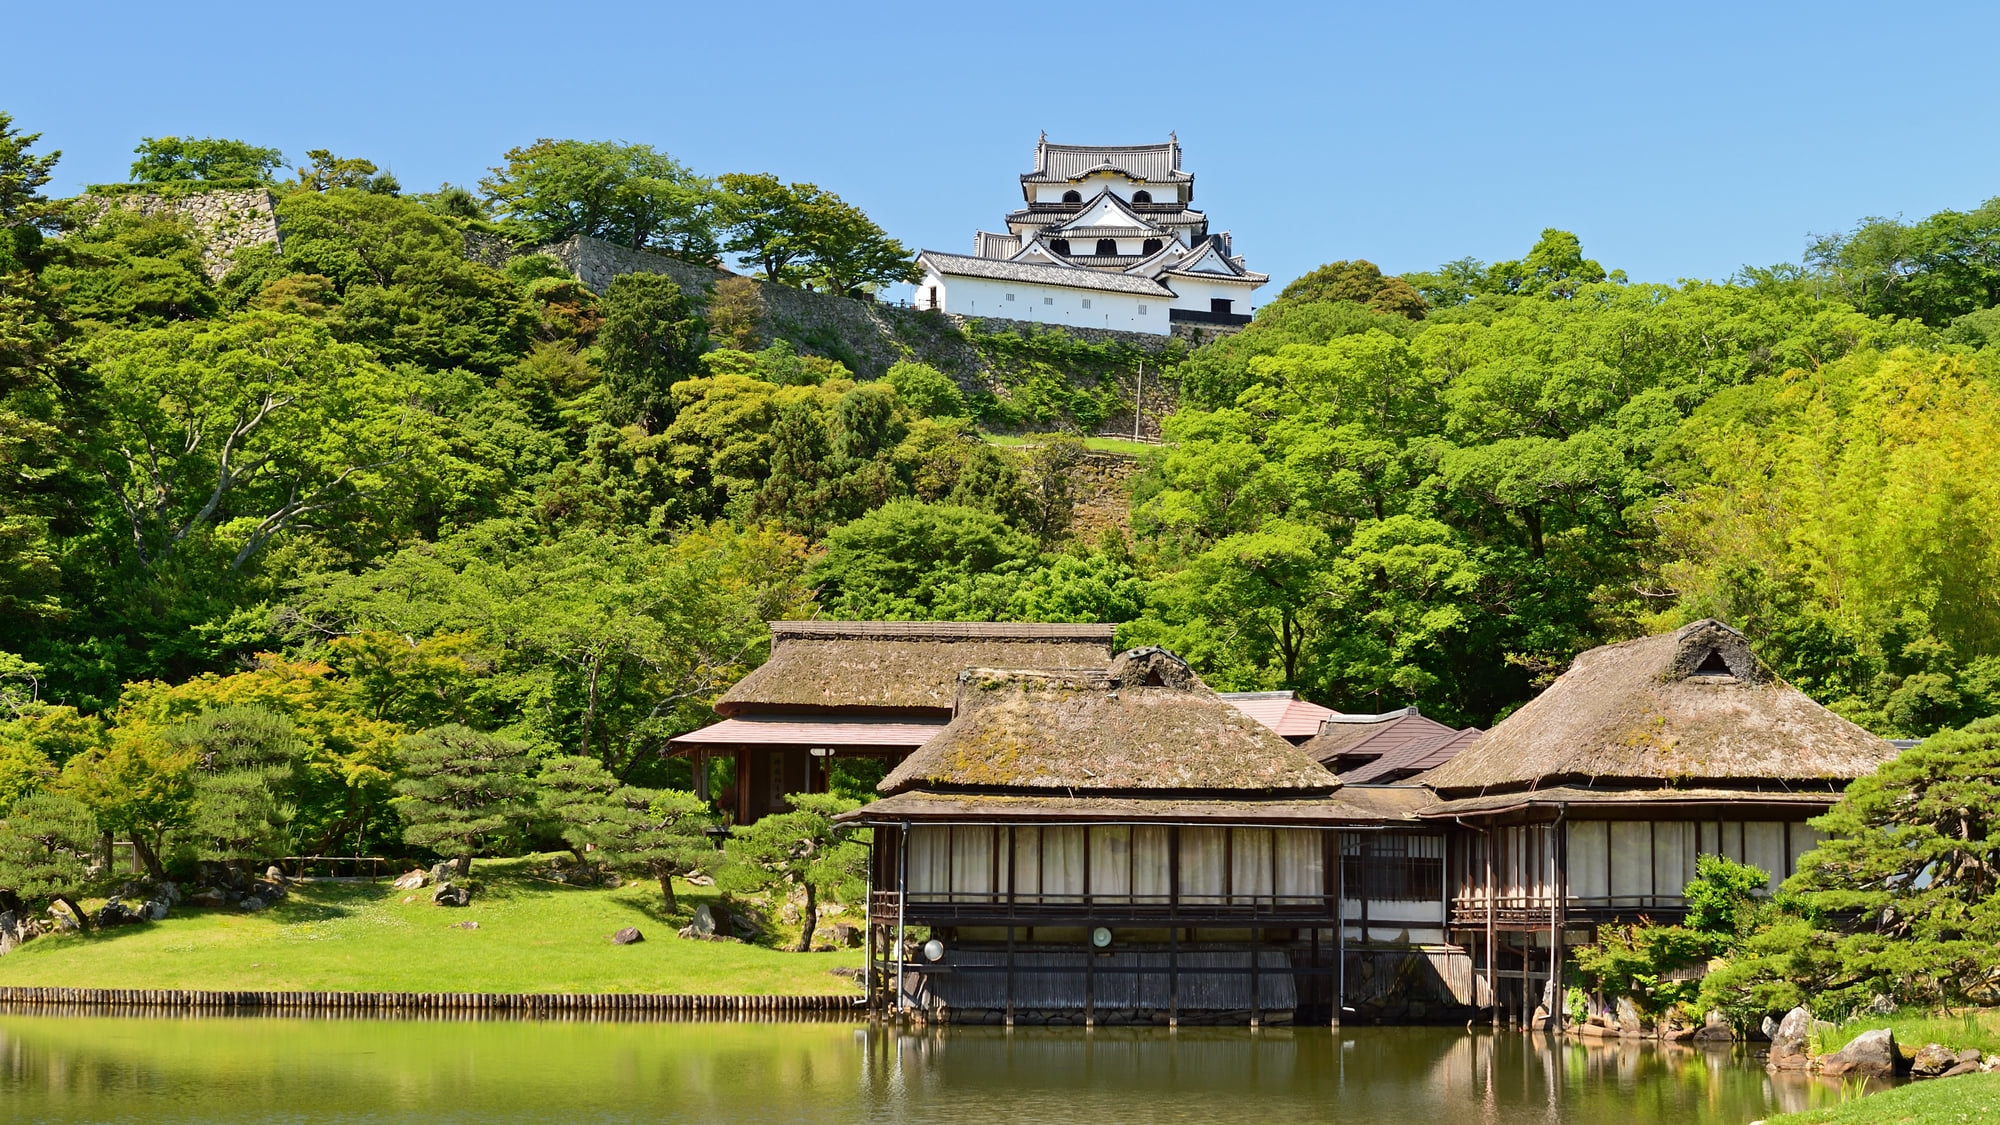 琵琶湖だけじゃない!定番から穴場まで滋賀県のおすすめ観光スポット60選